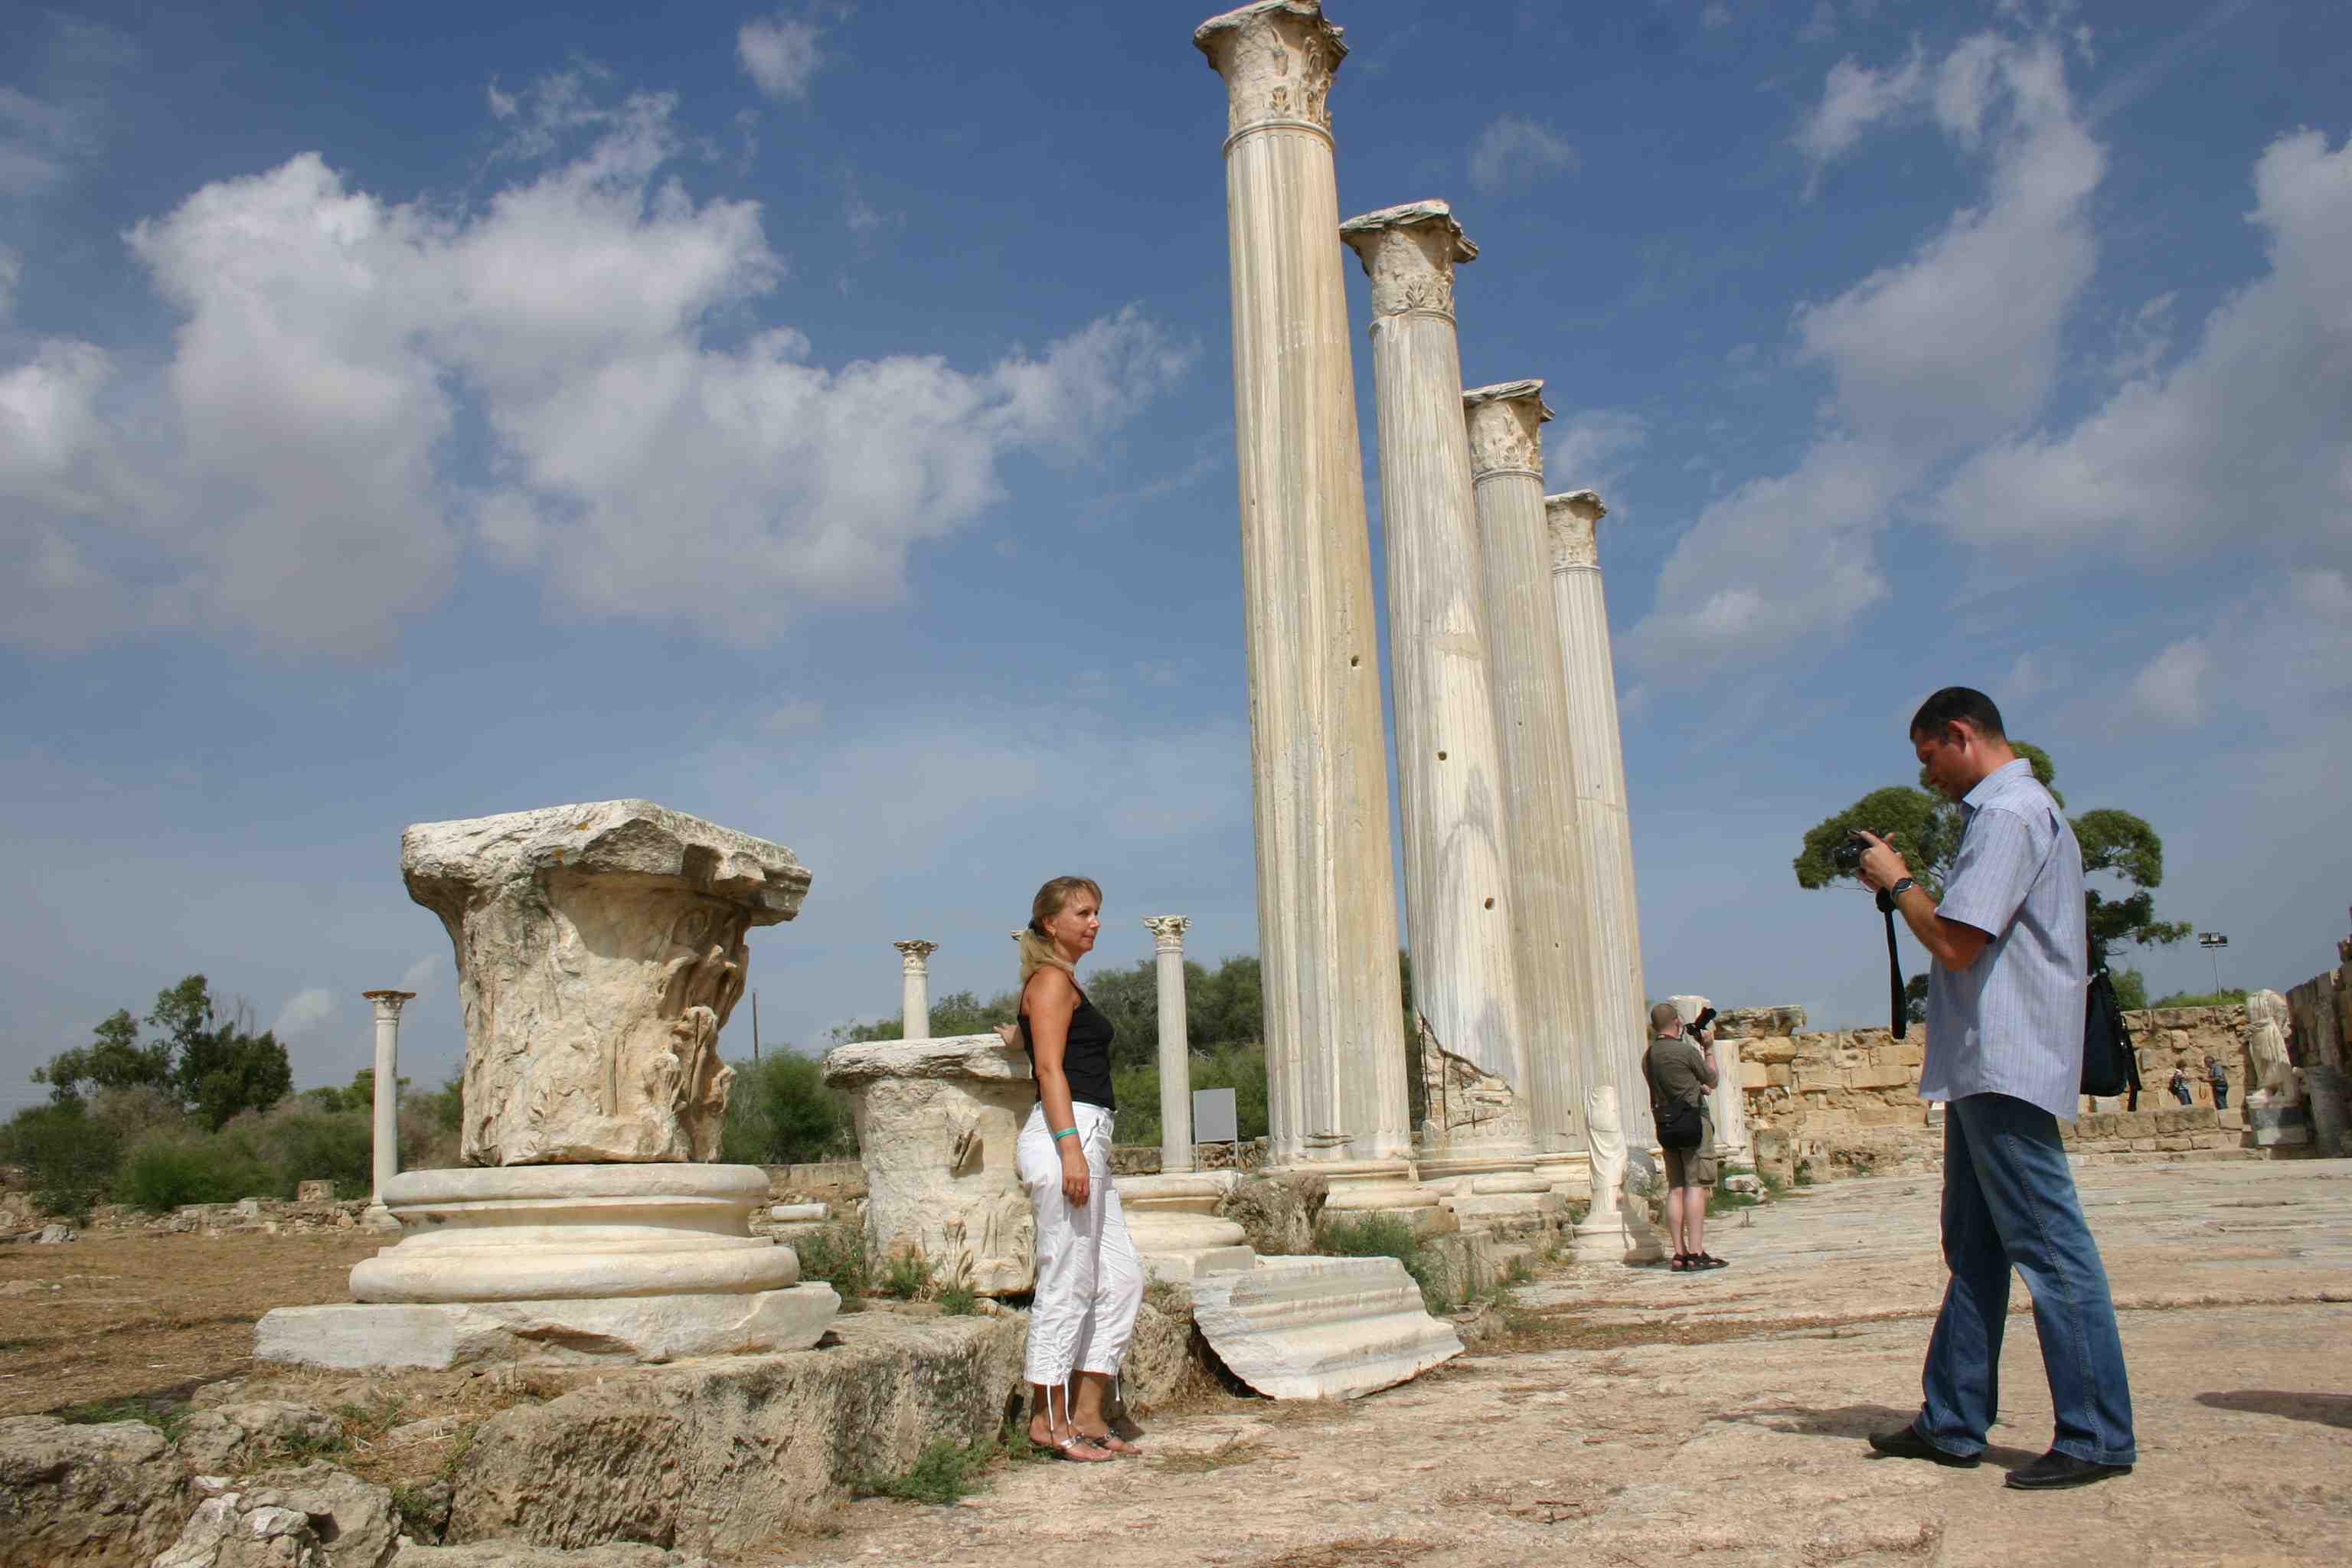 auf Nord-Zypern: Heterosexuelle Touristen bewegen sich frei und unverkrampft ;-) Säulen der antiken Stätten von Salamis auf Nord-Zypern